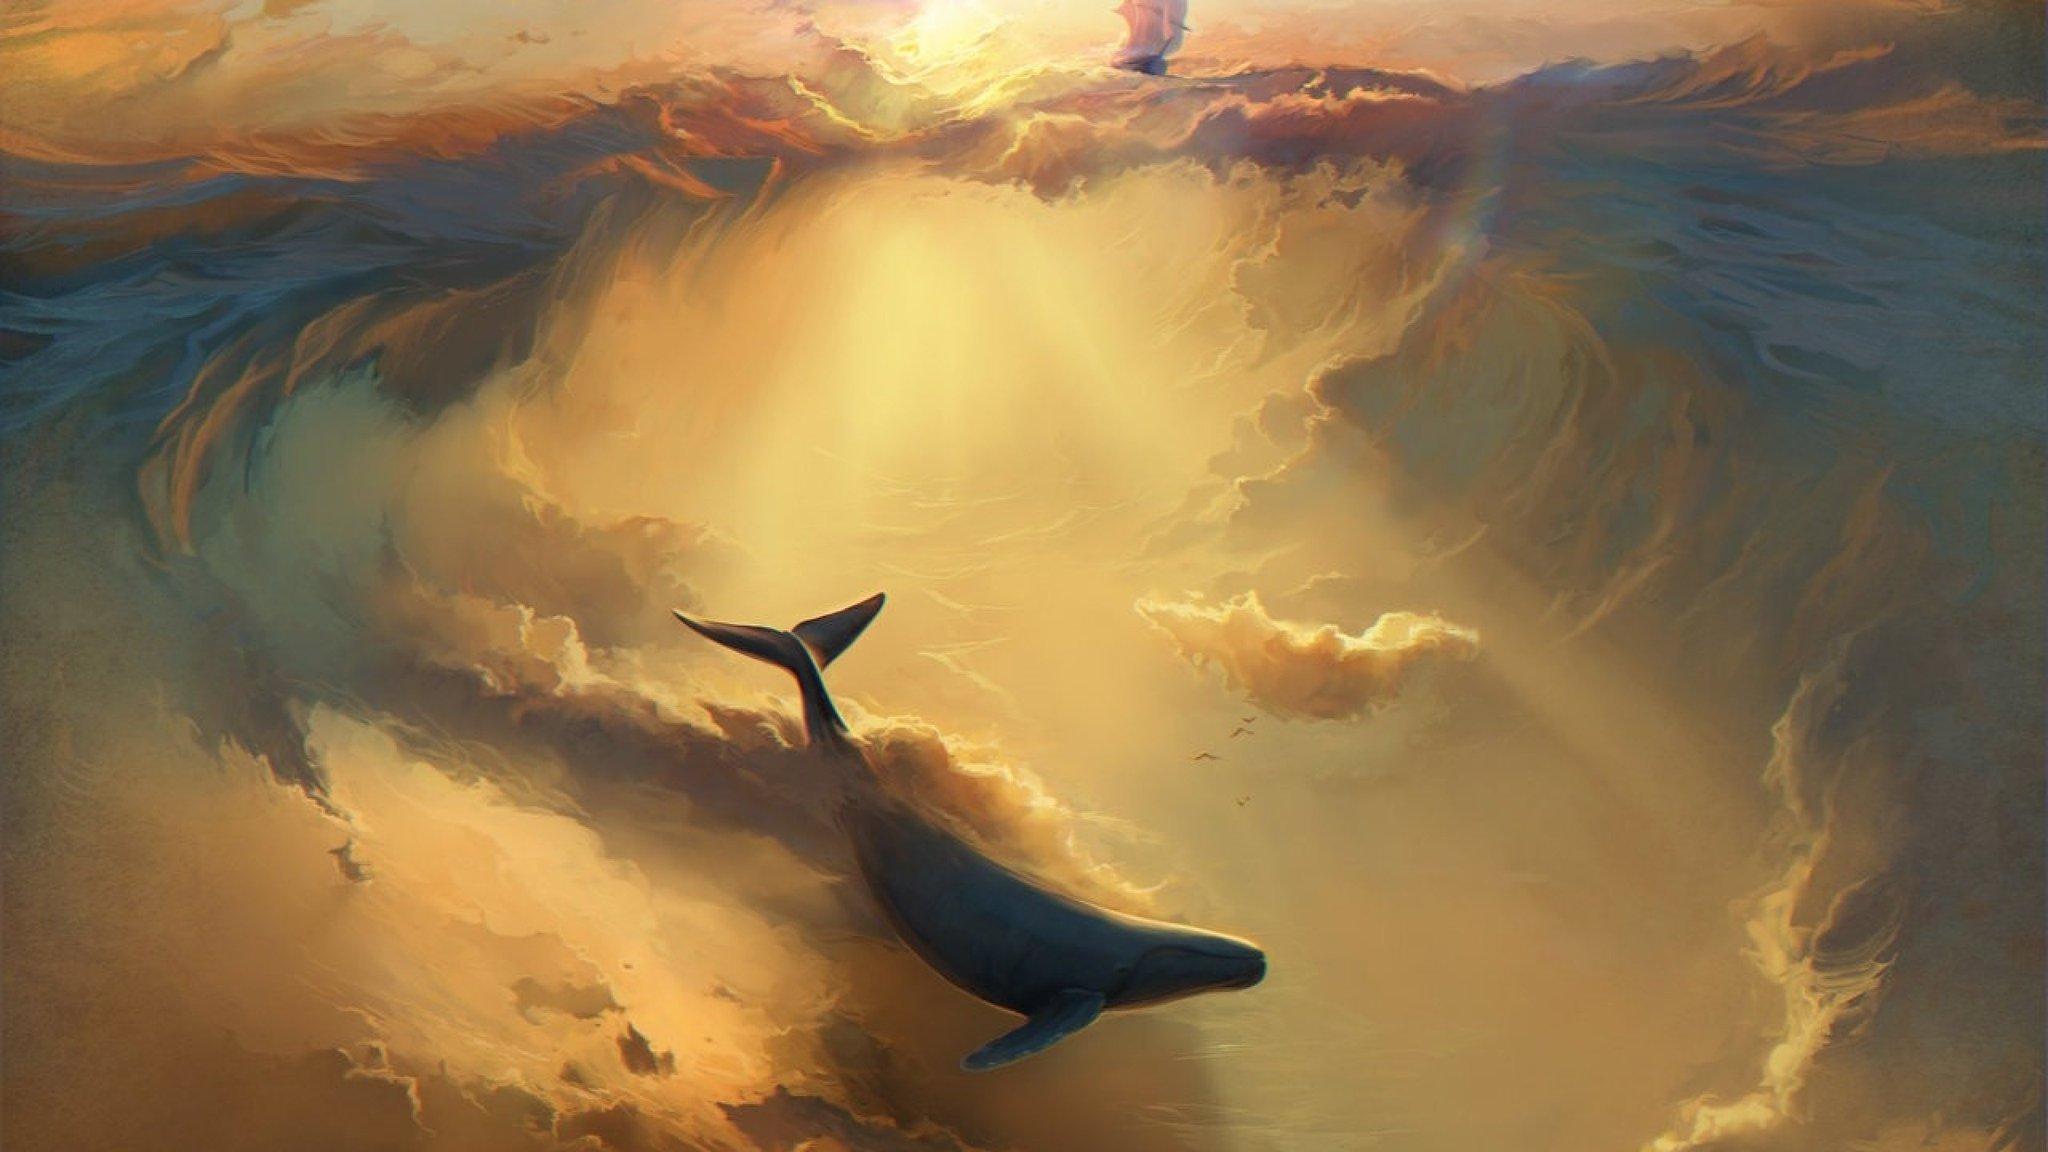 киты в небе картинки высокого разрешения комфортной фактурой насыщенной